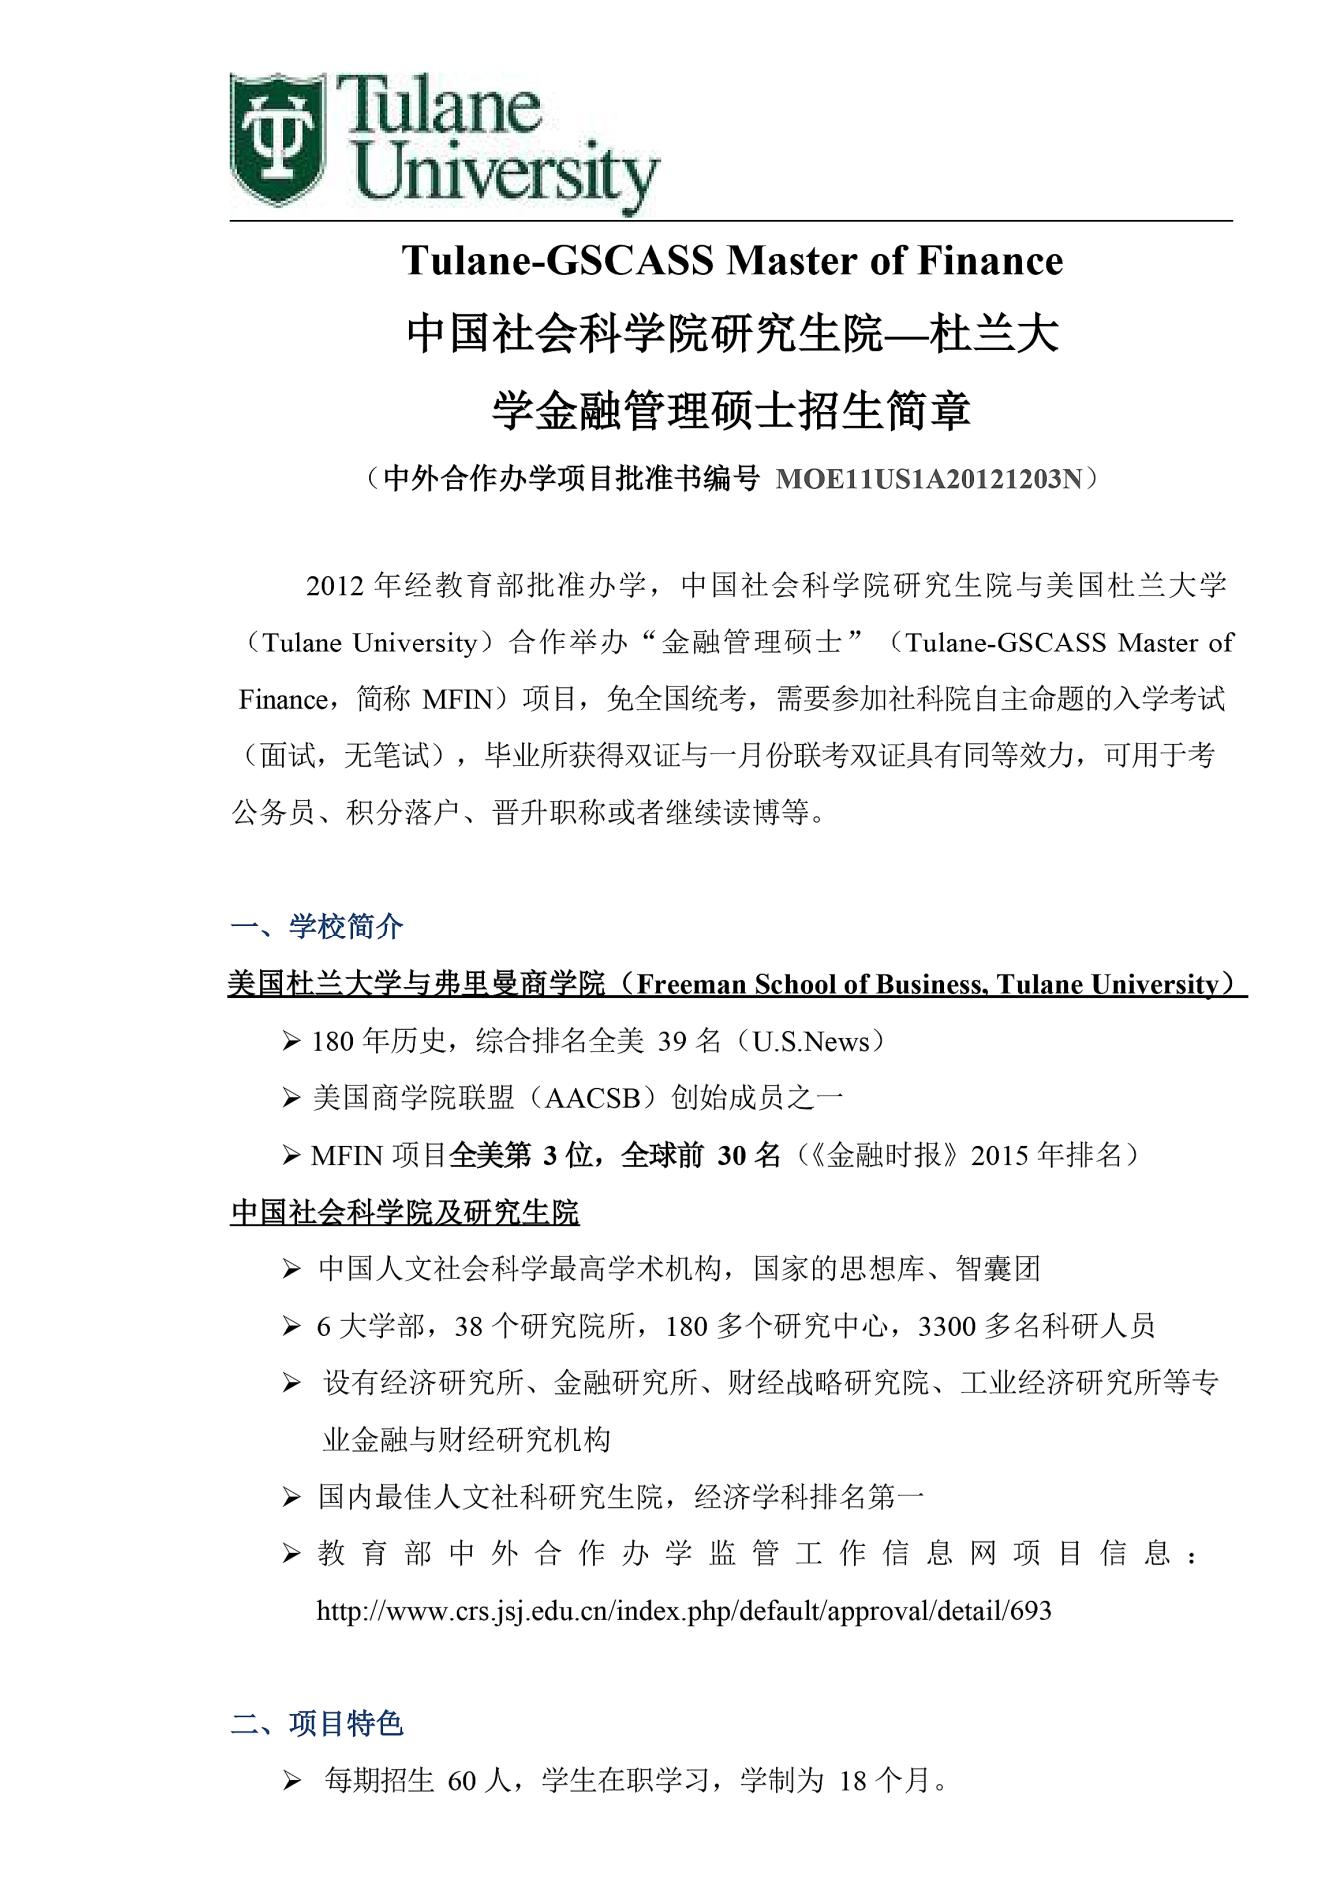 中国社科院杜兰大学